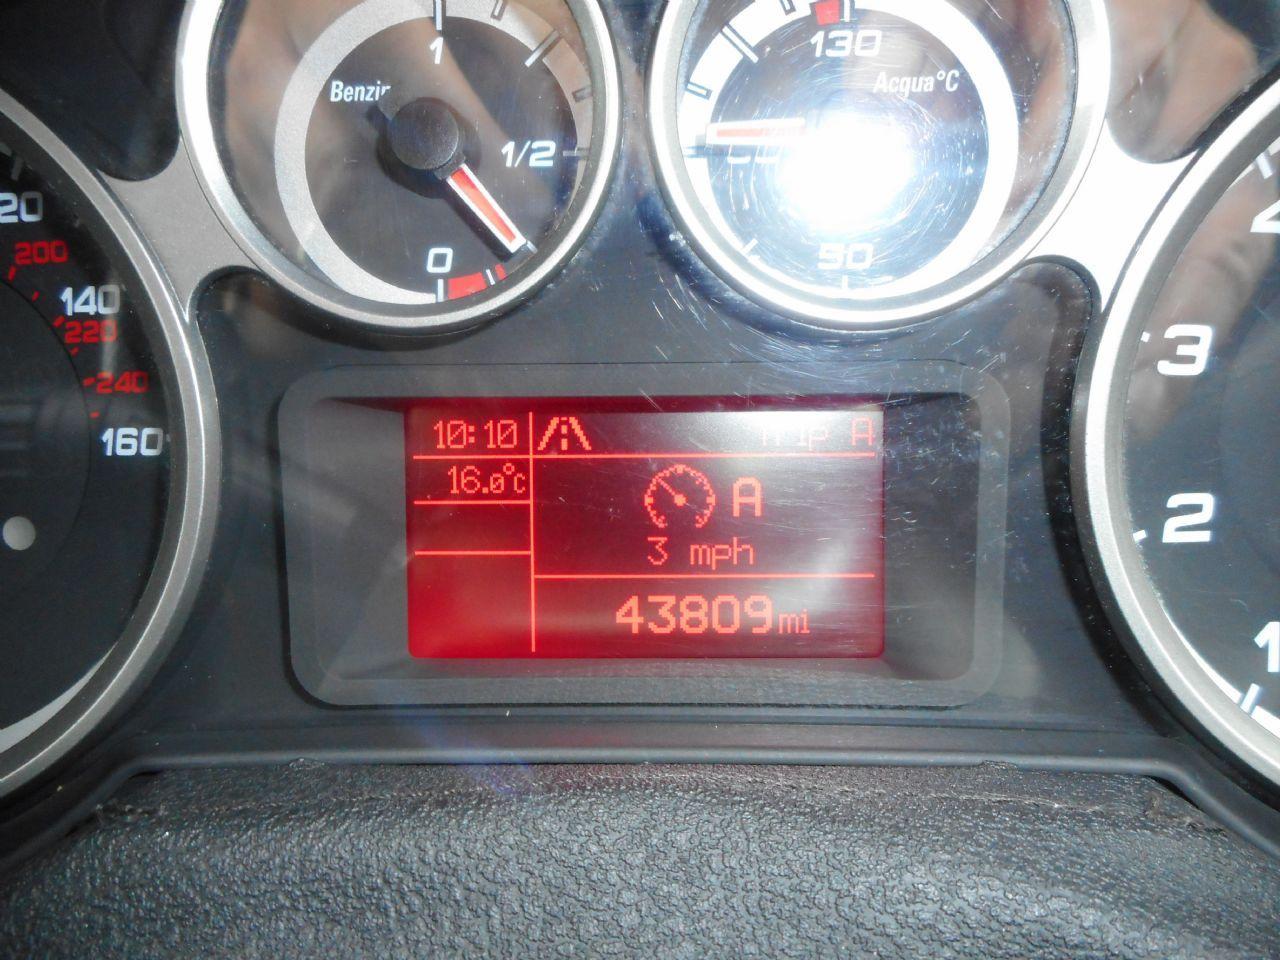 ALFA ROMEO MITO 1.4 16v 95 bhp Sprint (2011) - Picture 14